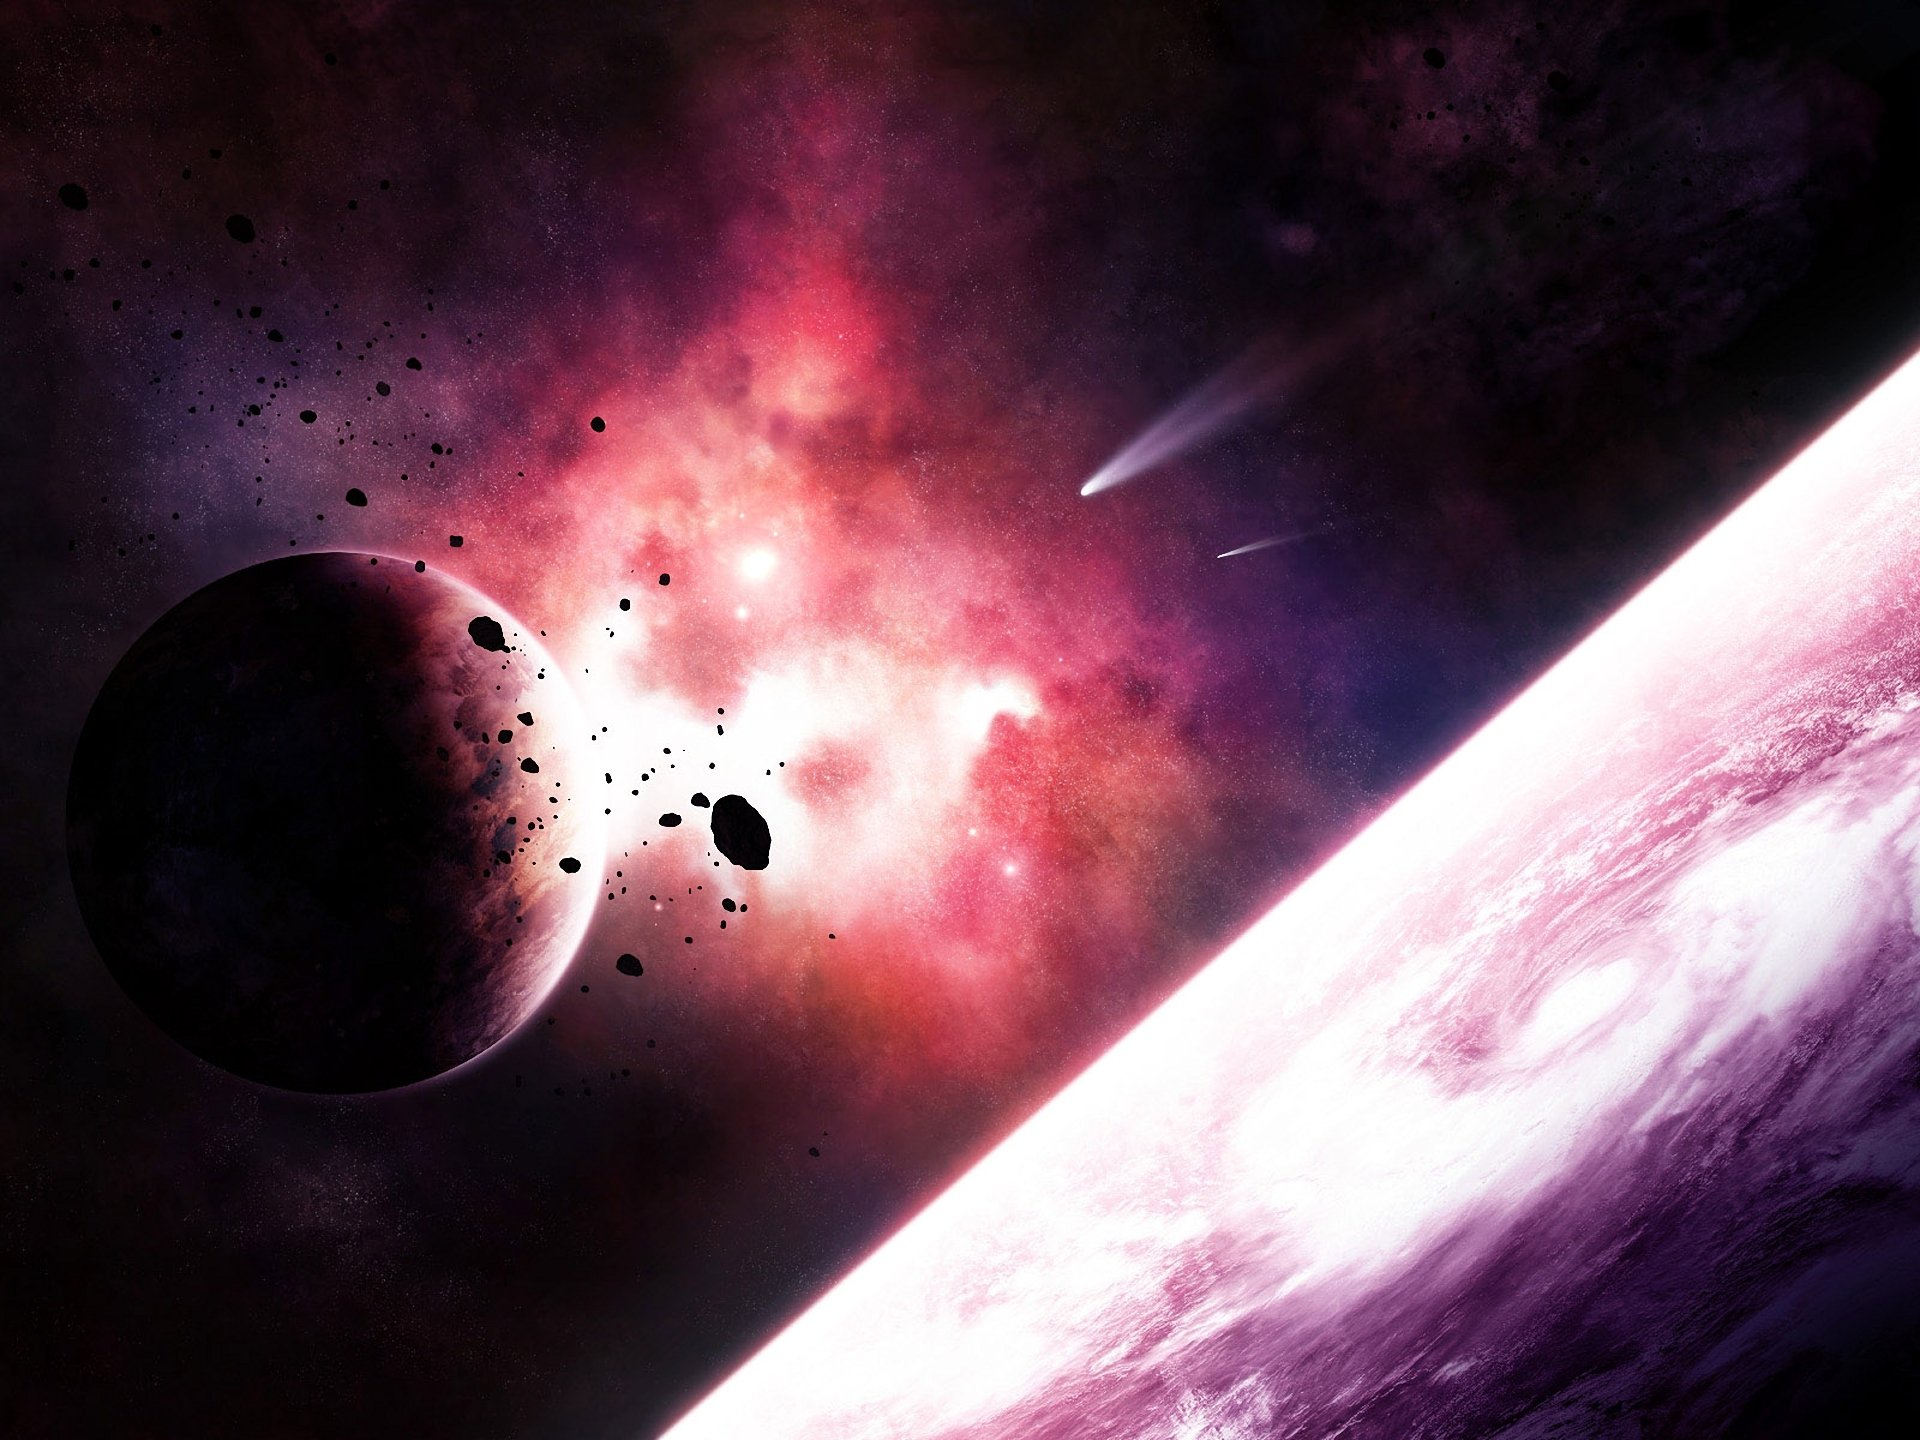 Обои Планета звезда спутник картинки на рабочий стол на тему Космос - скачать без смс